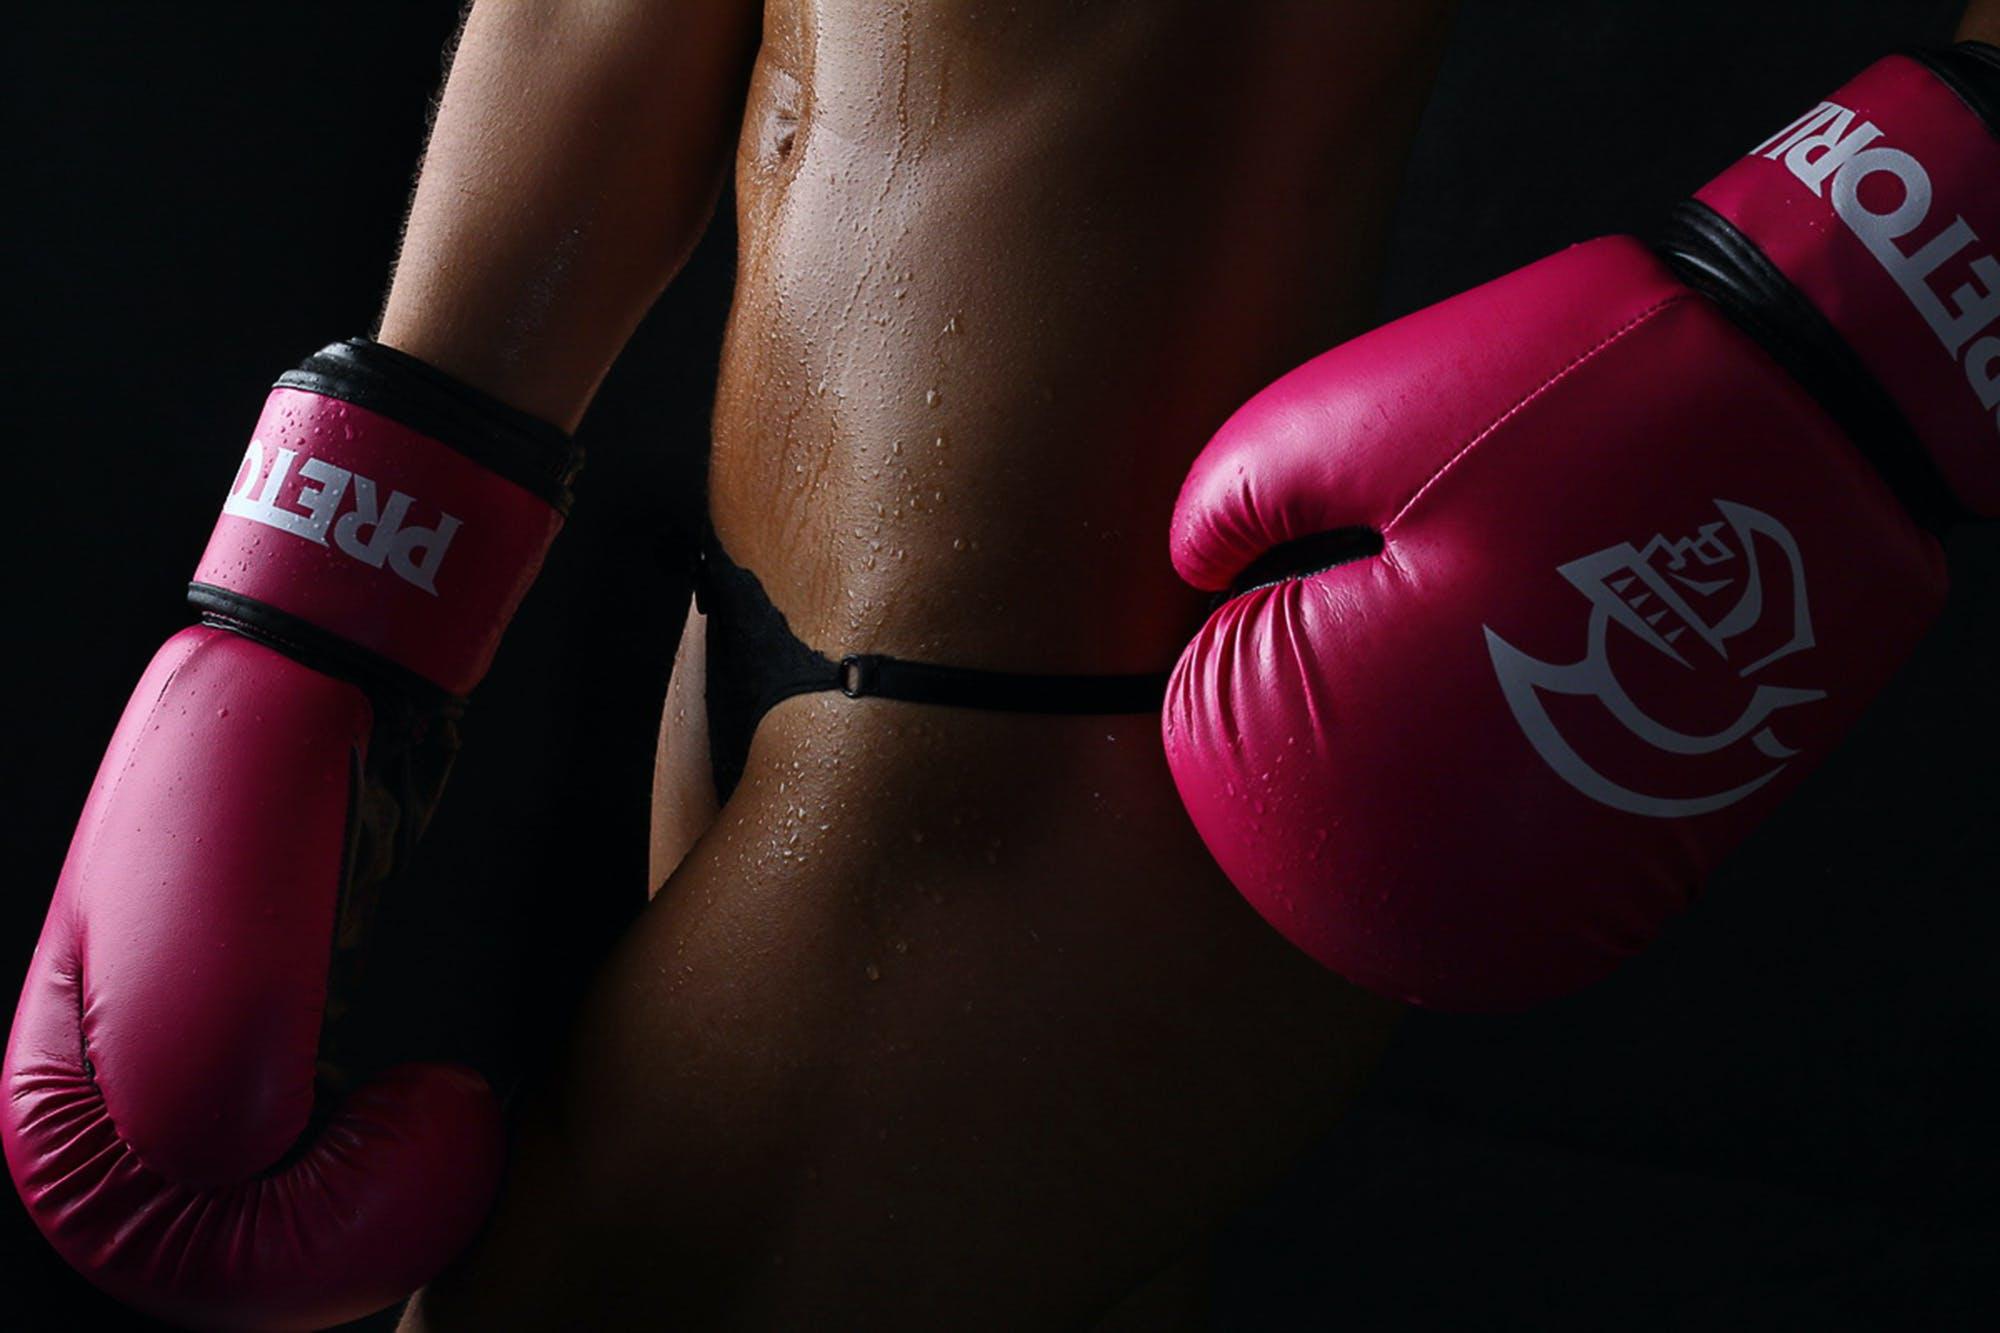 Kostnadsfri bild av ben, bikini, boxare, Boxhandskar